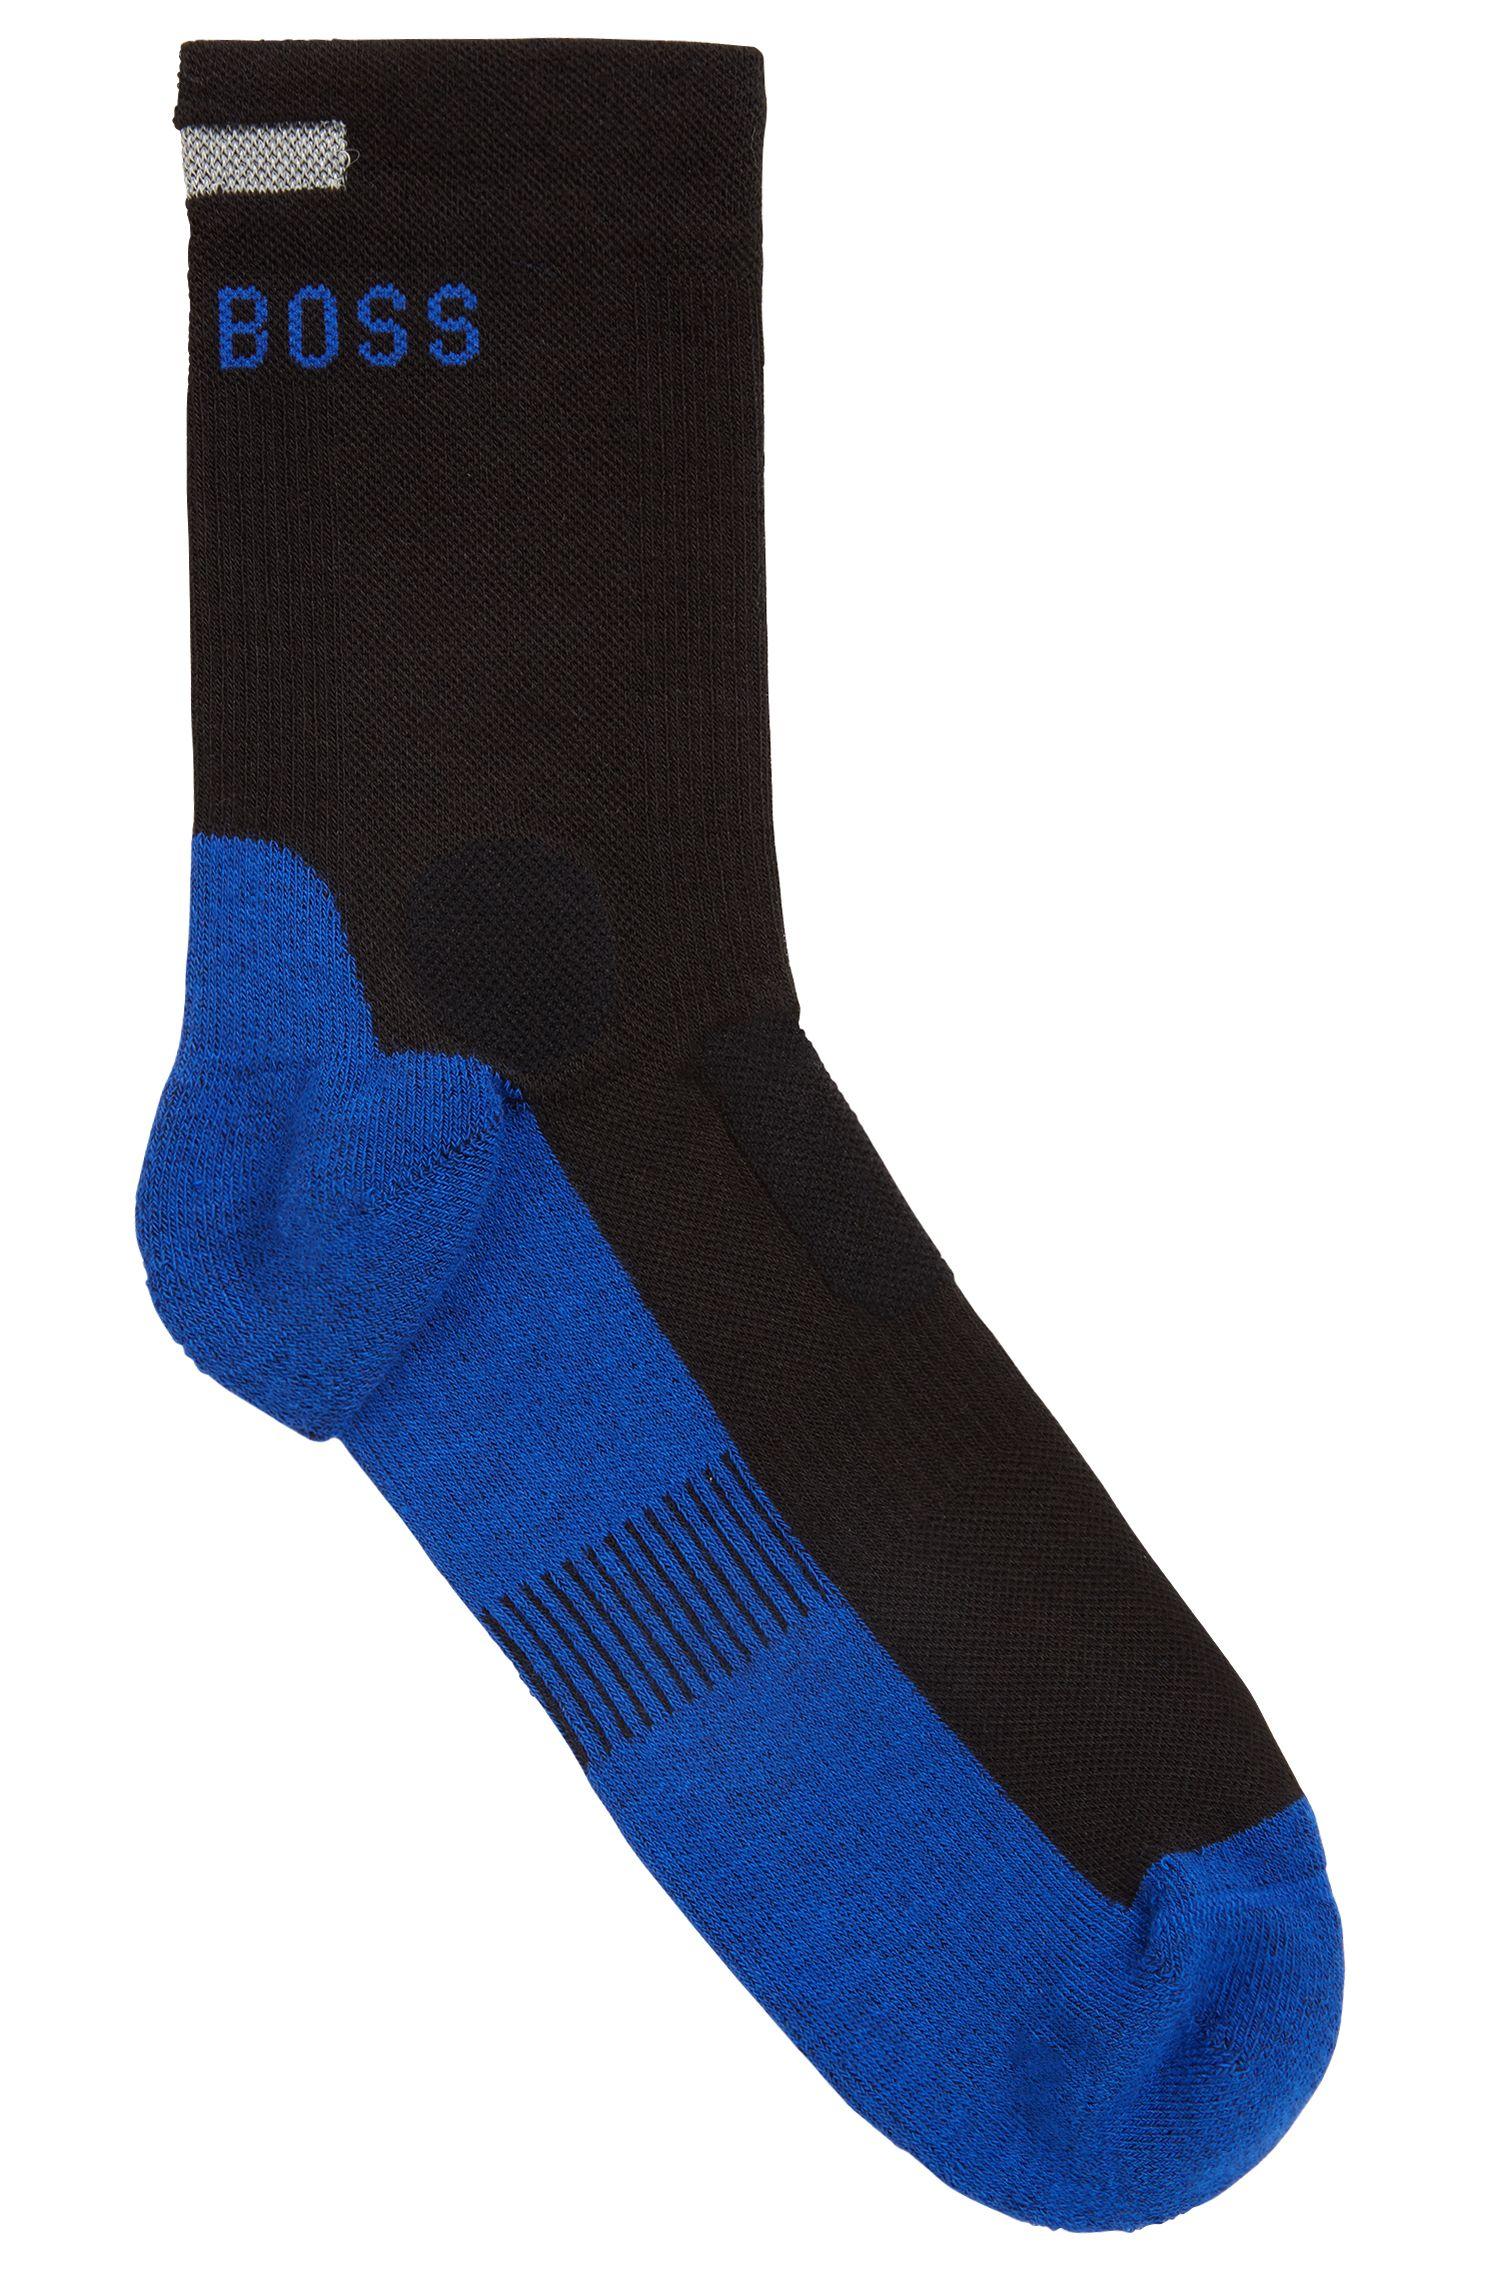 Chaussettes mi-mollet avec la technologie COOLMAX®